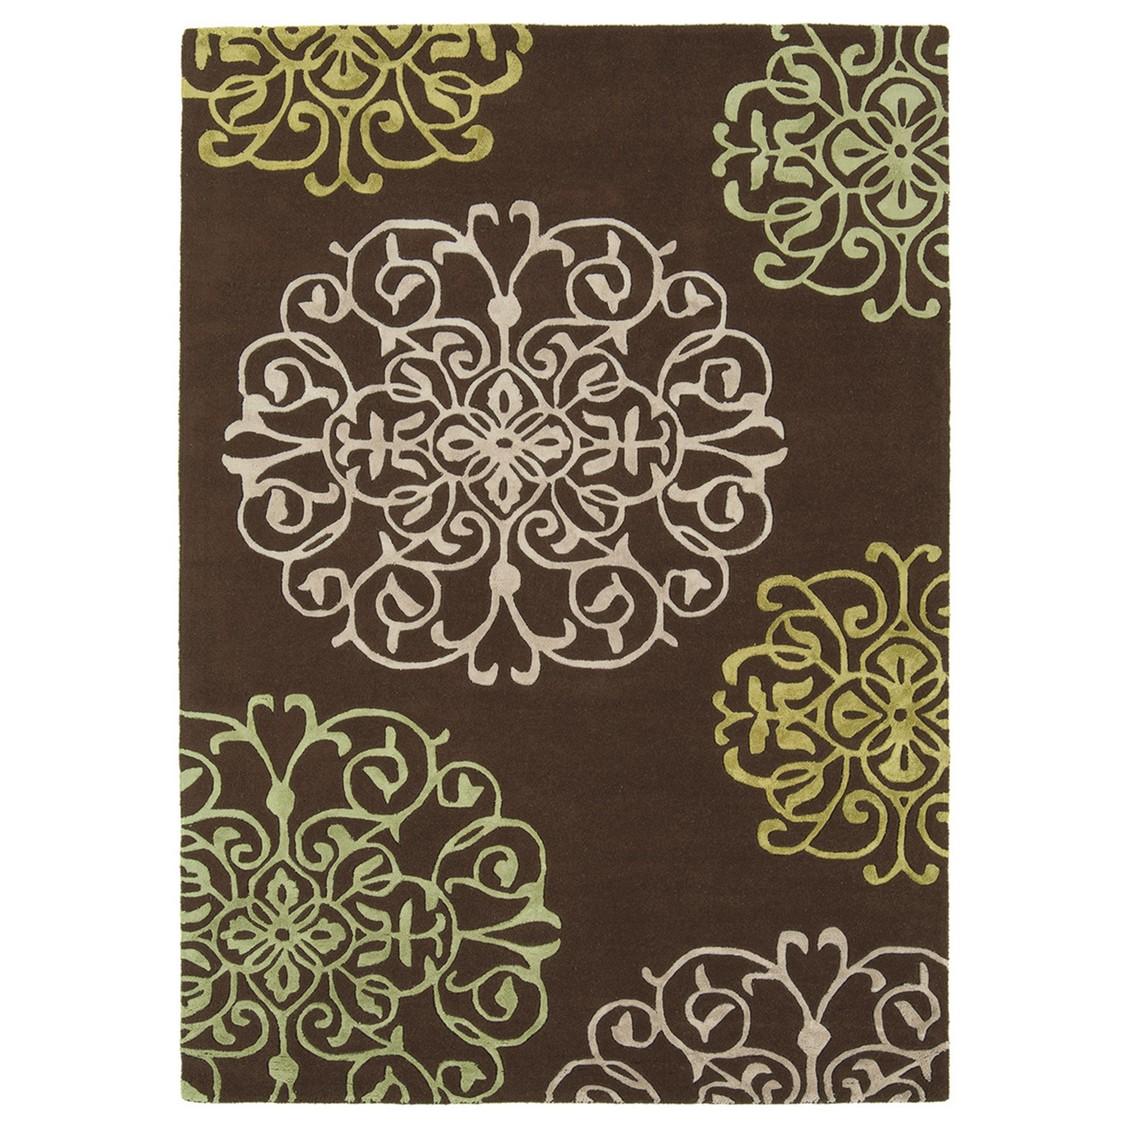 Teppich Matrix Tangier-Braun – 160 x 230 cm, benuta kaufen